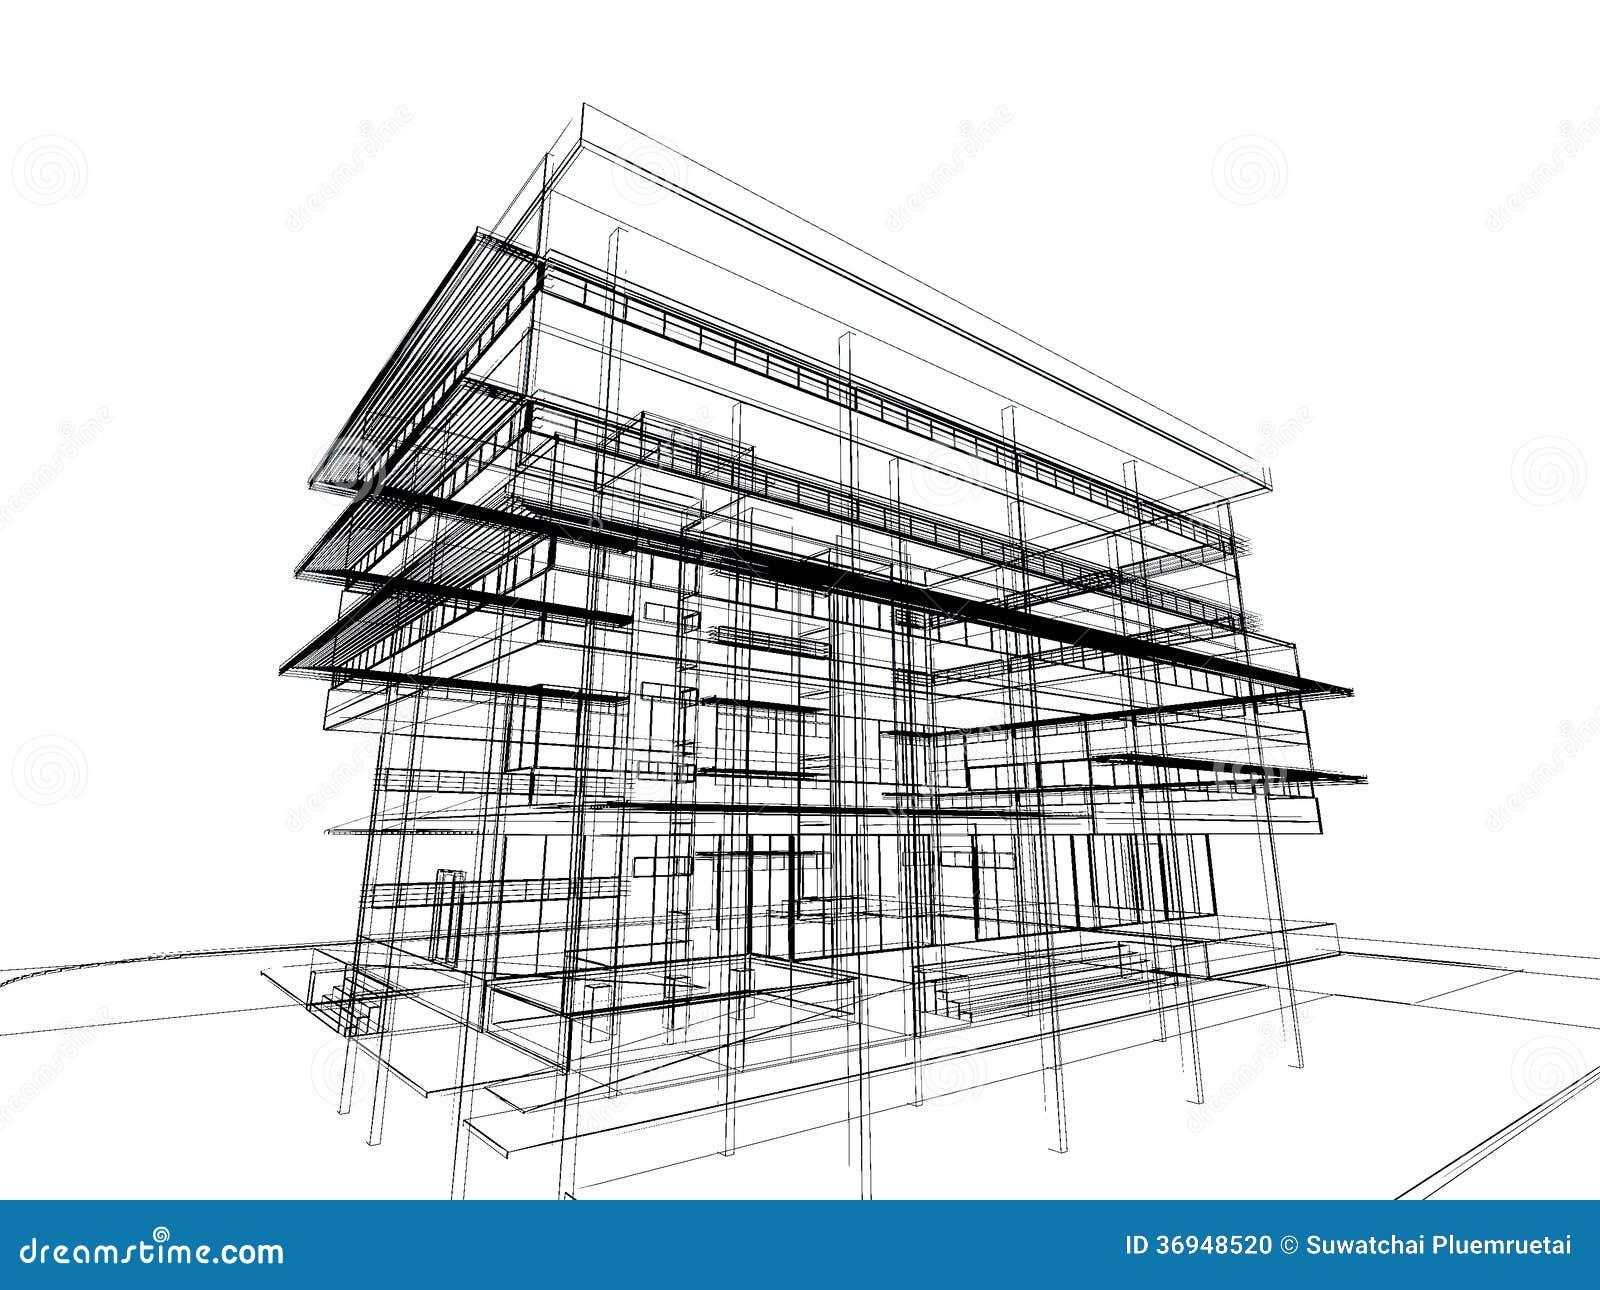 Design House Blueprint Free Sketch Design Of Building Stock Illustration Illustration